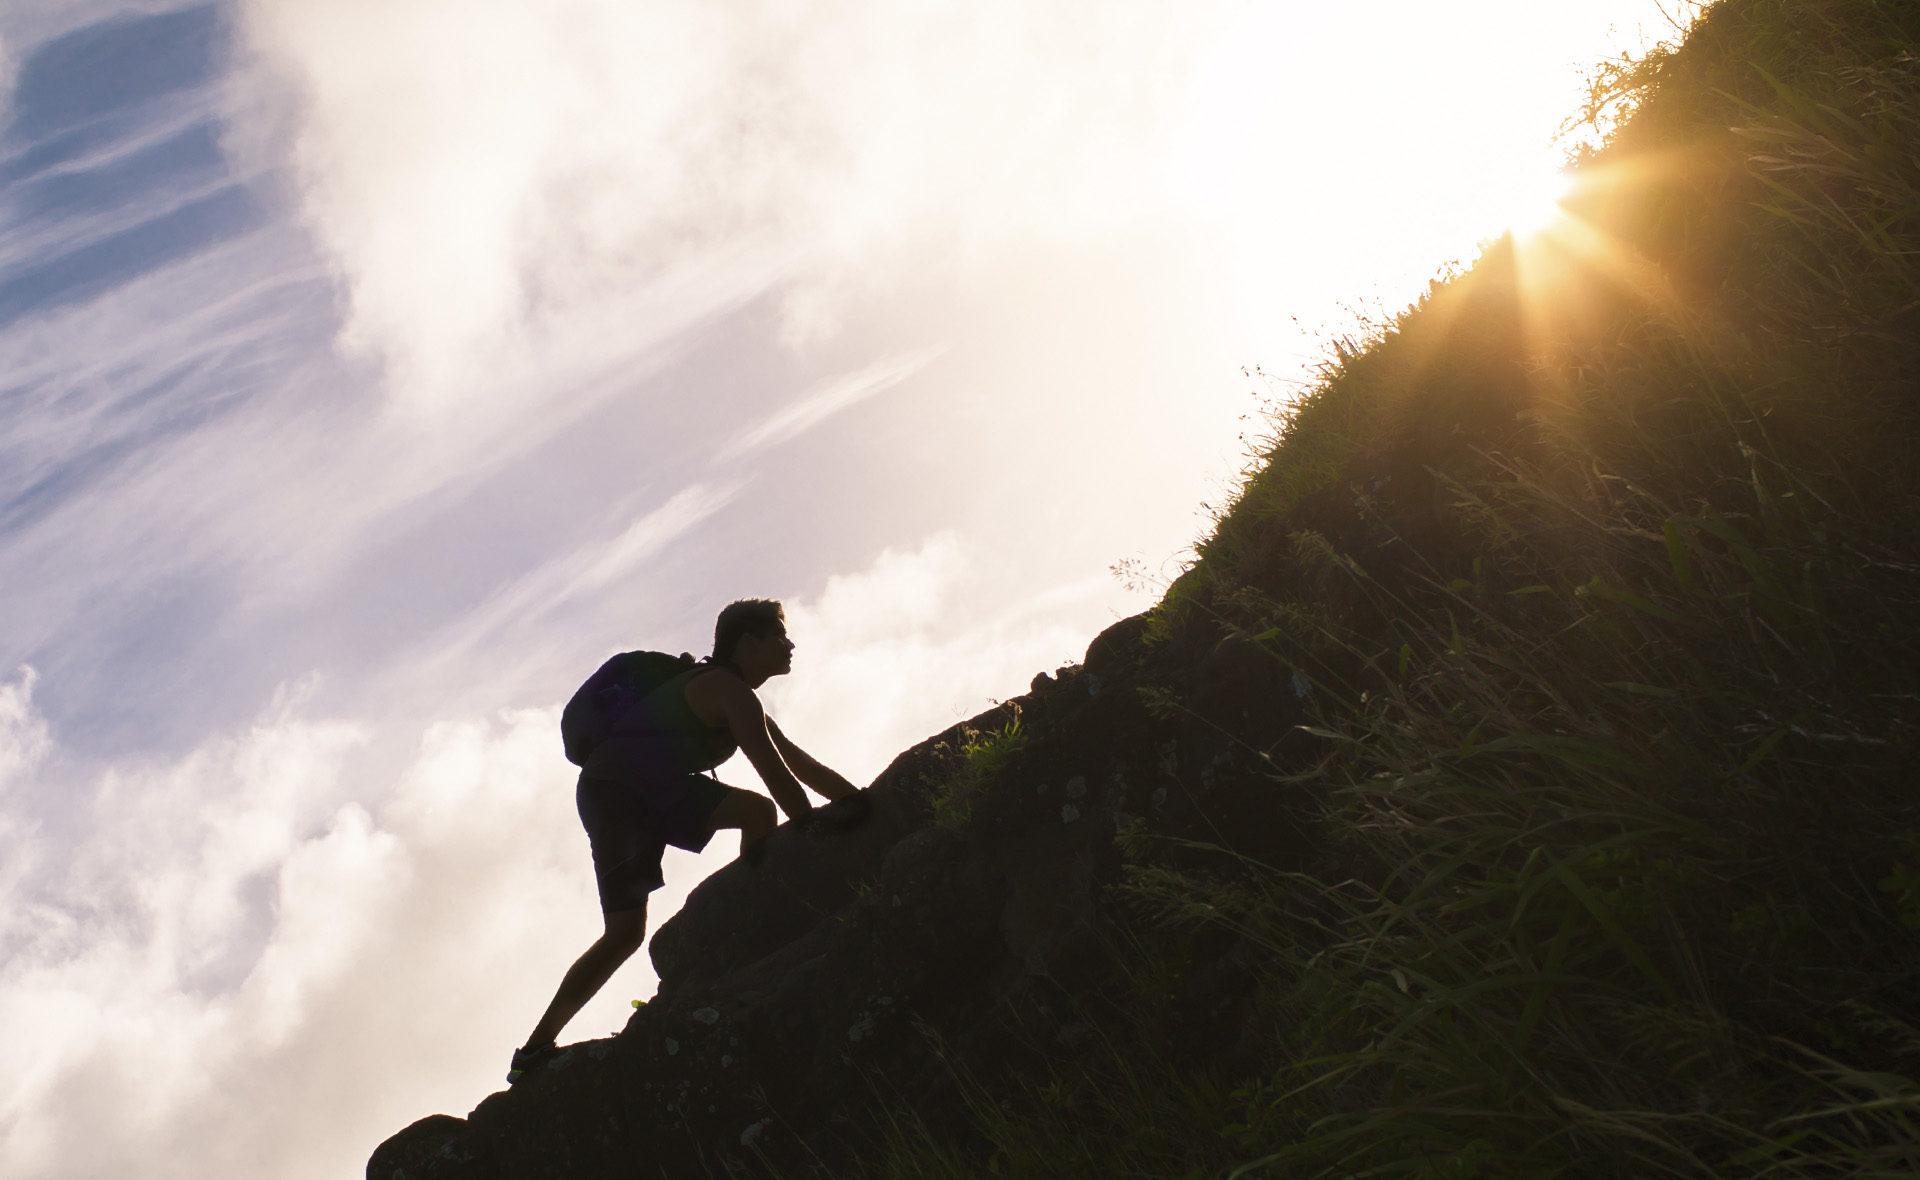 fotografía de hombre escalando montaña verde BBVA